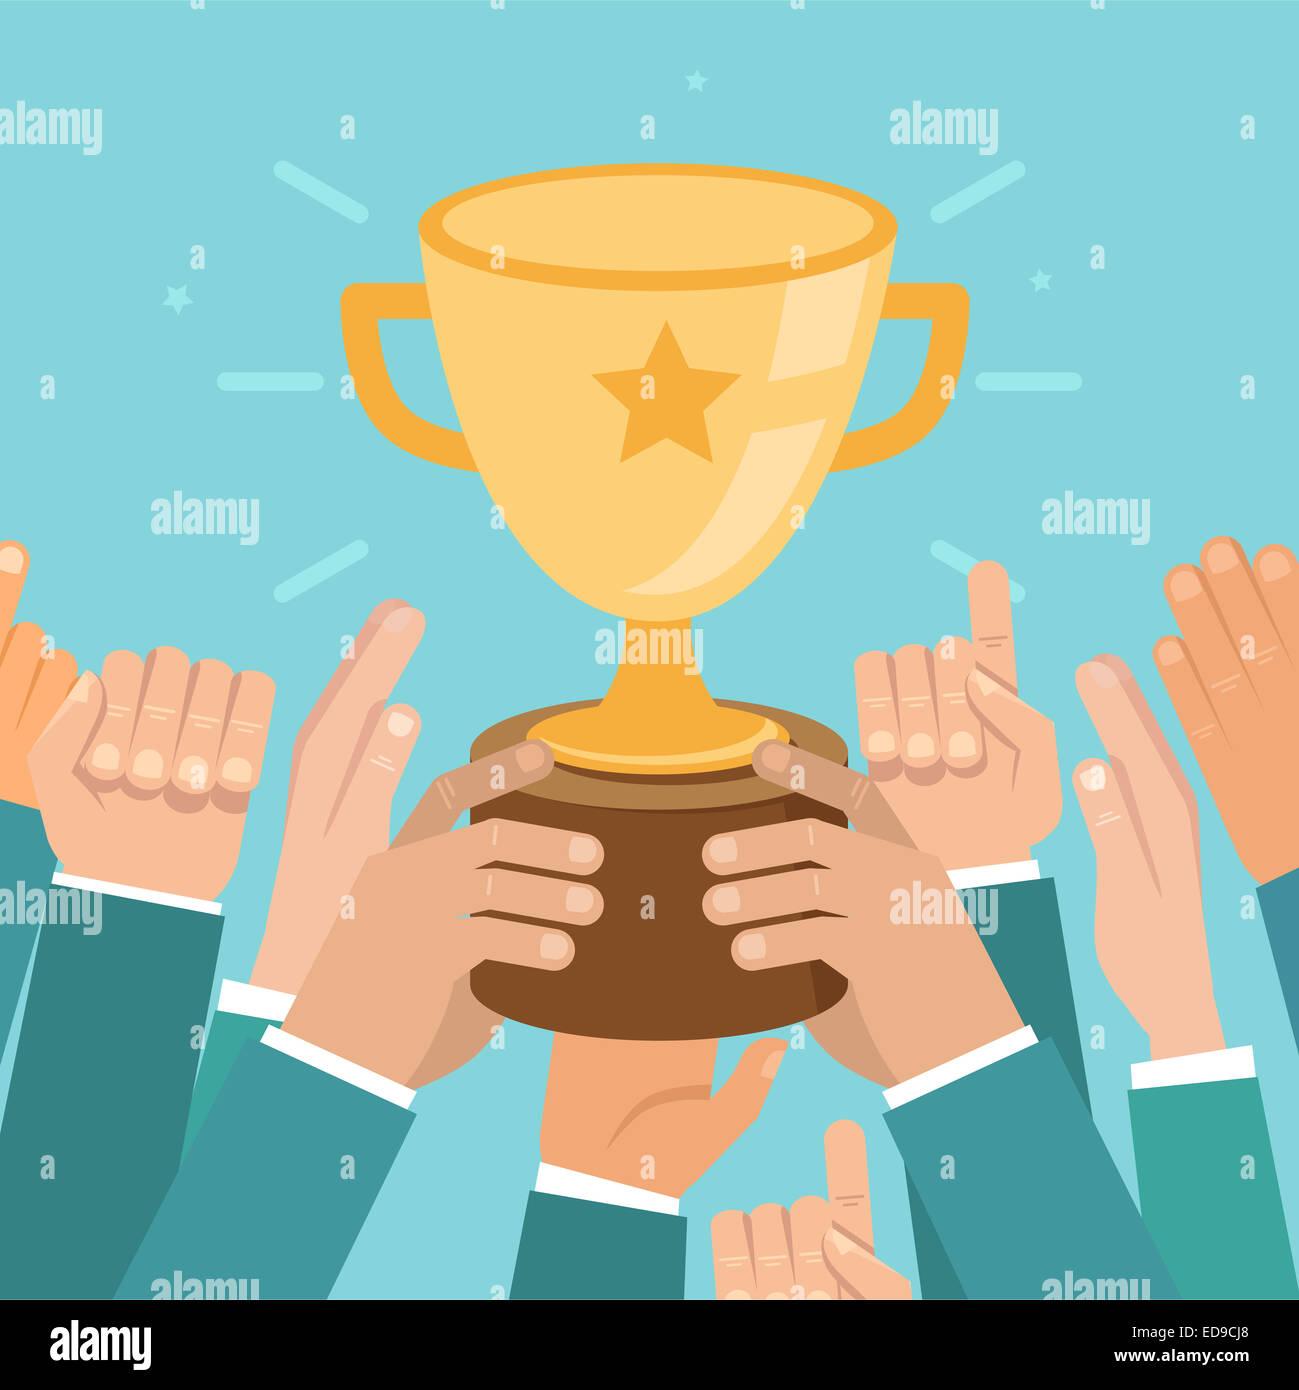 Sieg der Teamgedanke im flachen Stil - Business Wettbewerb illustration Stockbild